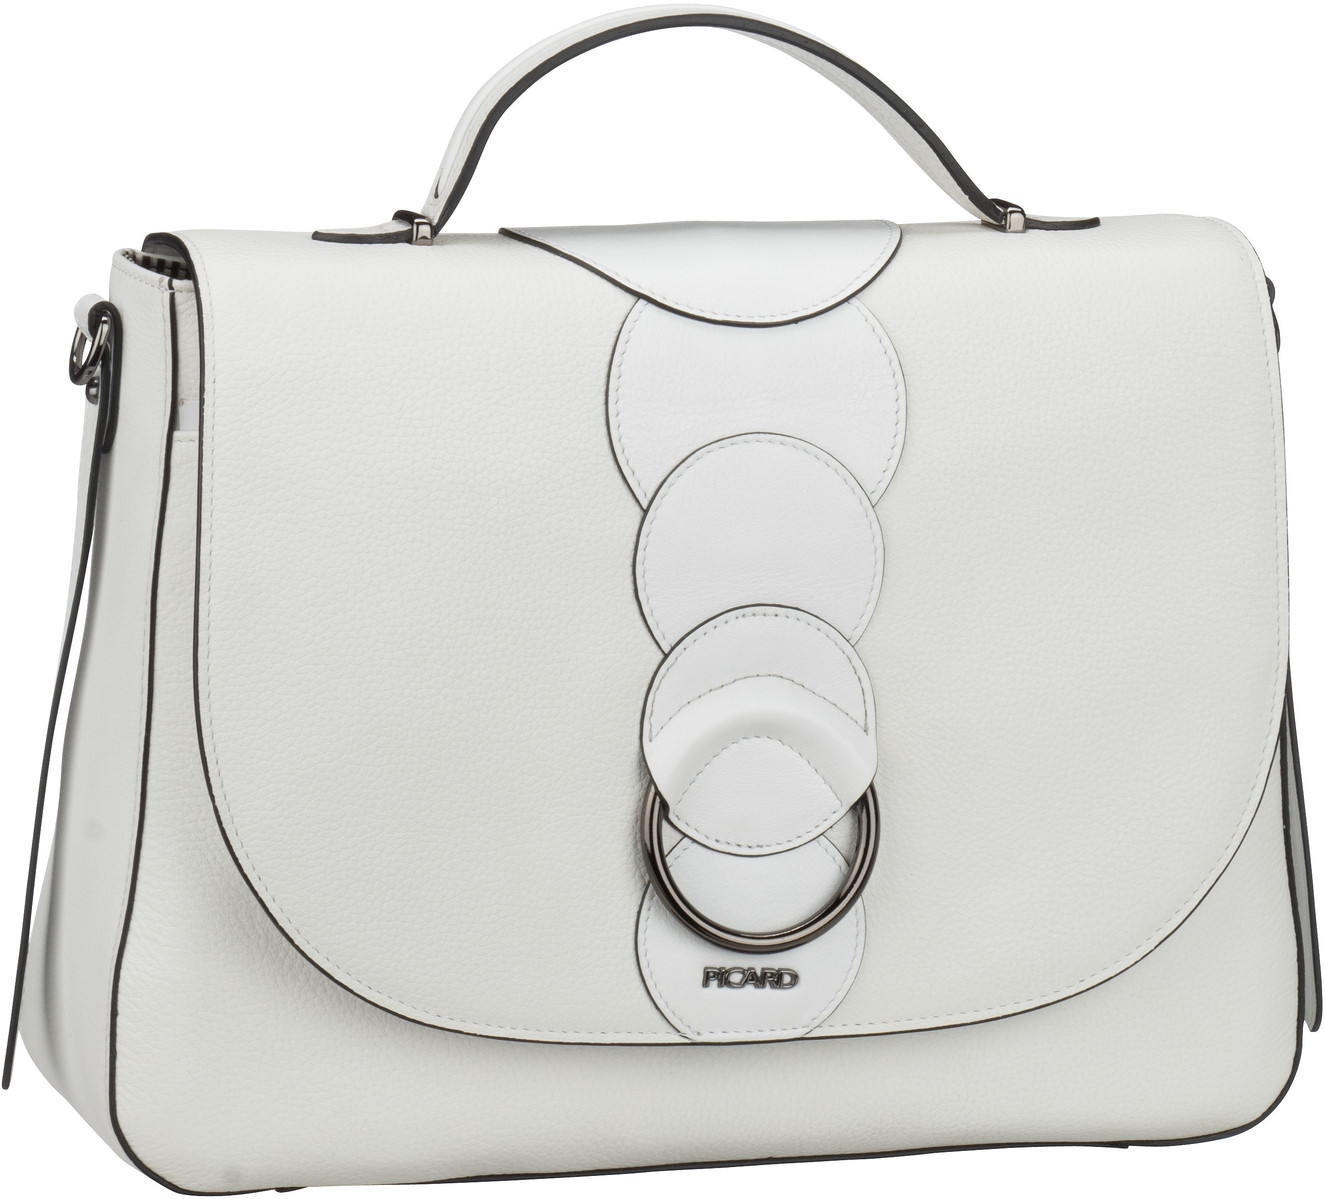 Handtasche Cirque 9719 Weiß